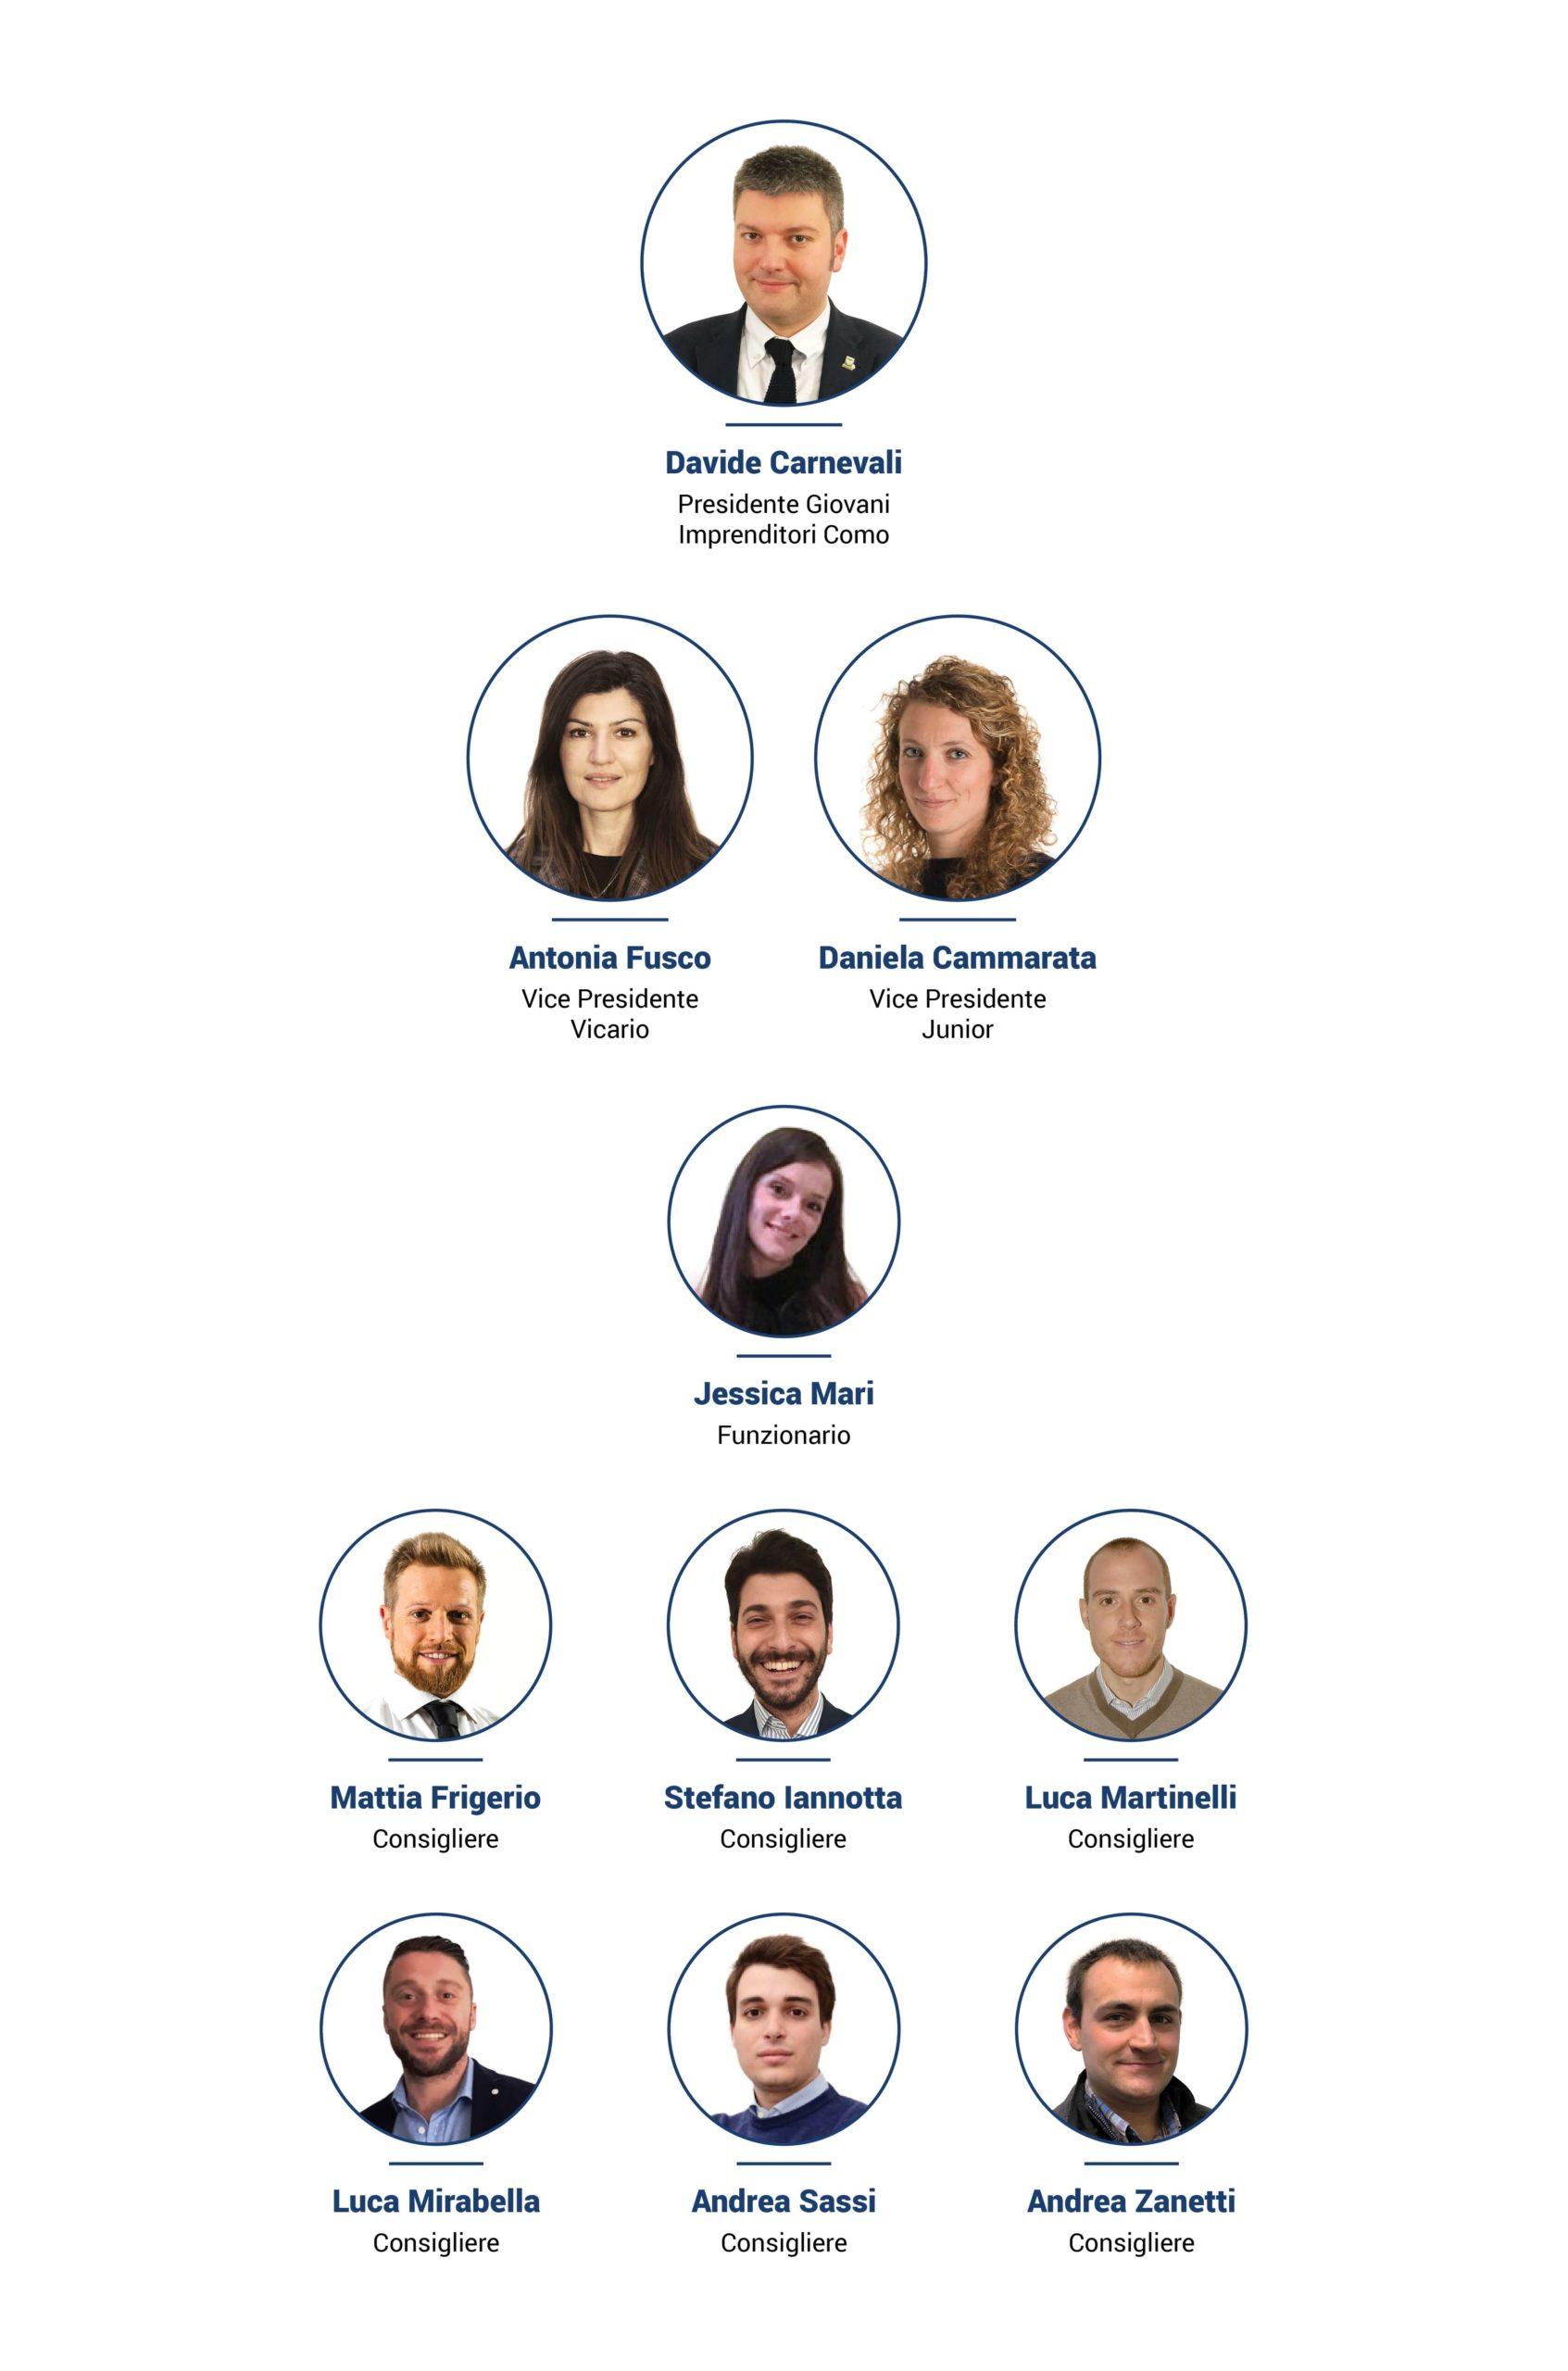 Gruppo Giovani Imprenditori Como